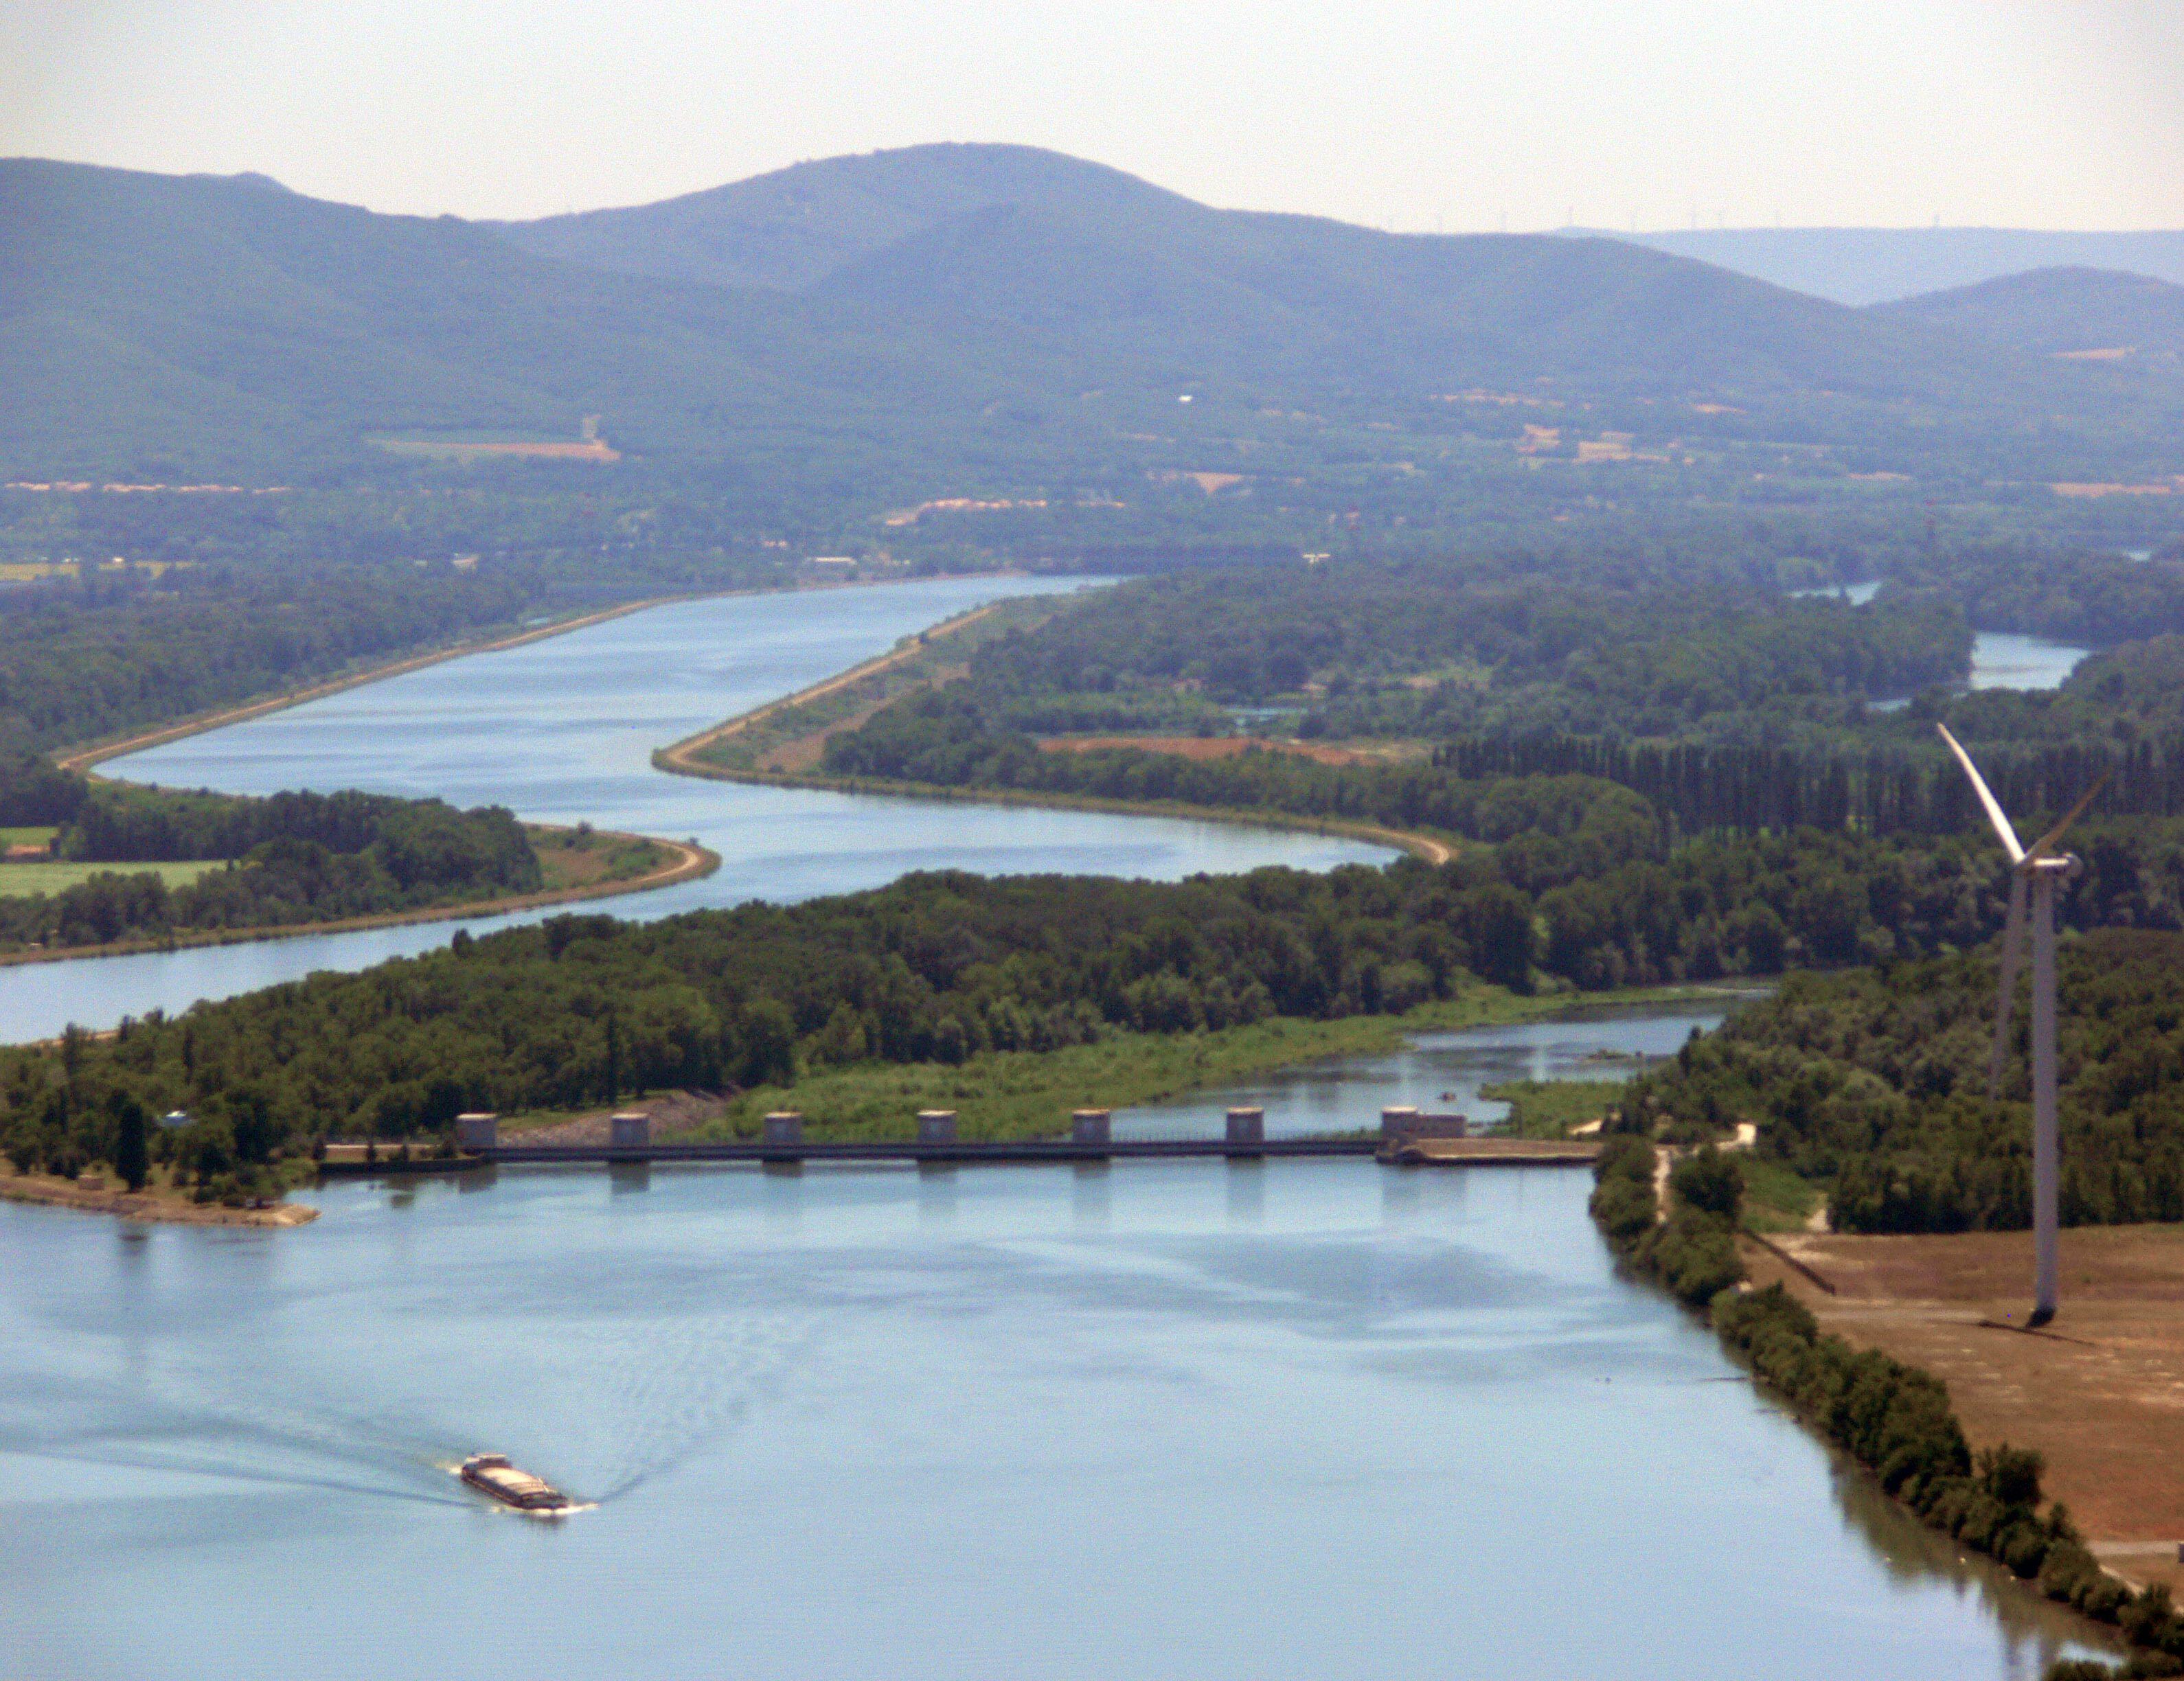 بالصور نهر الرون , الرون من اجمل الانهار بين سويسرا وفرنسا 74830 1